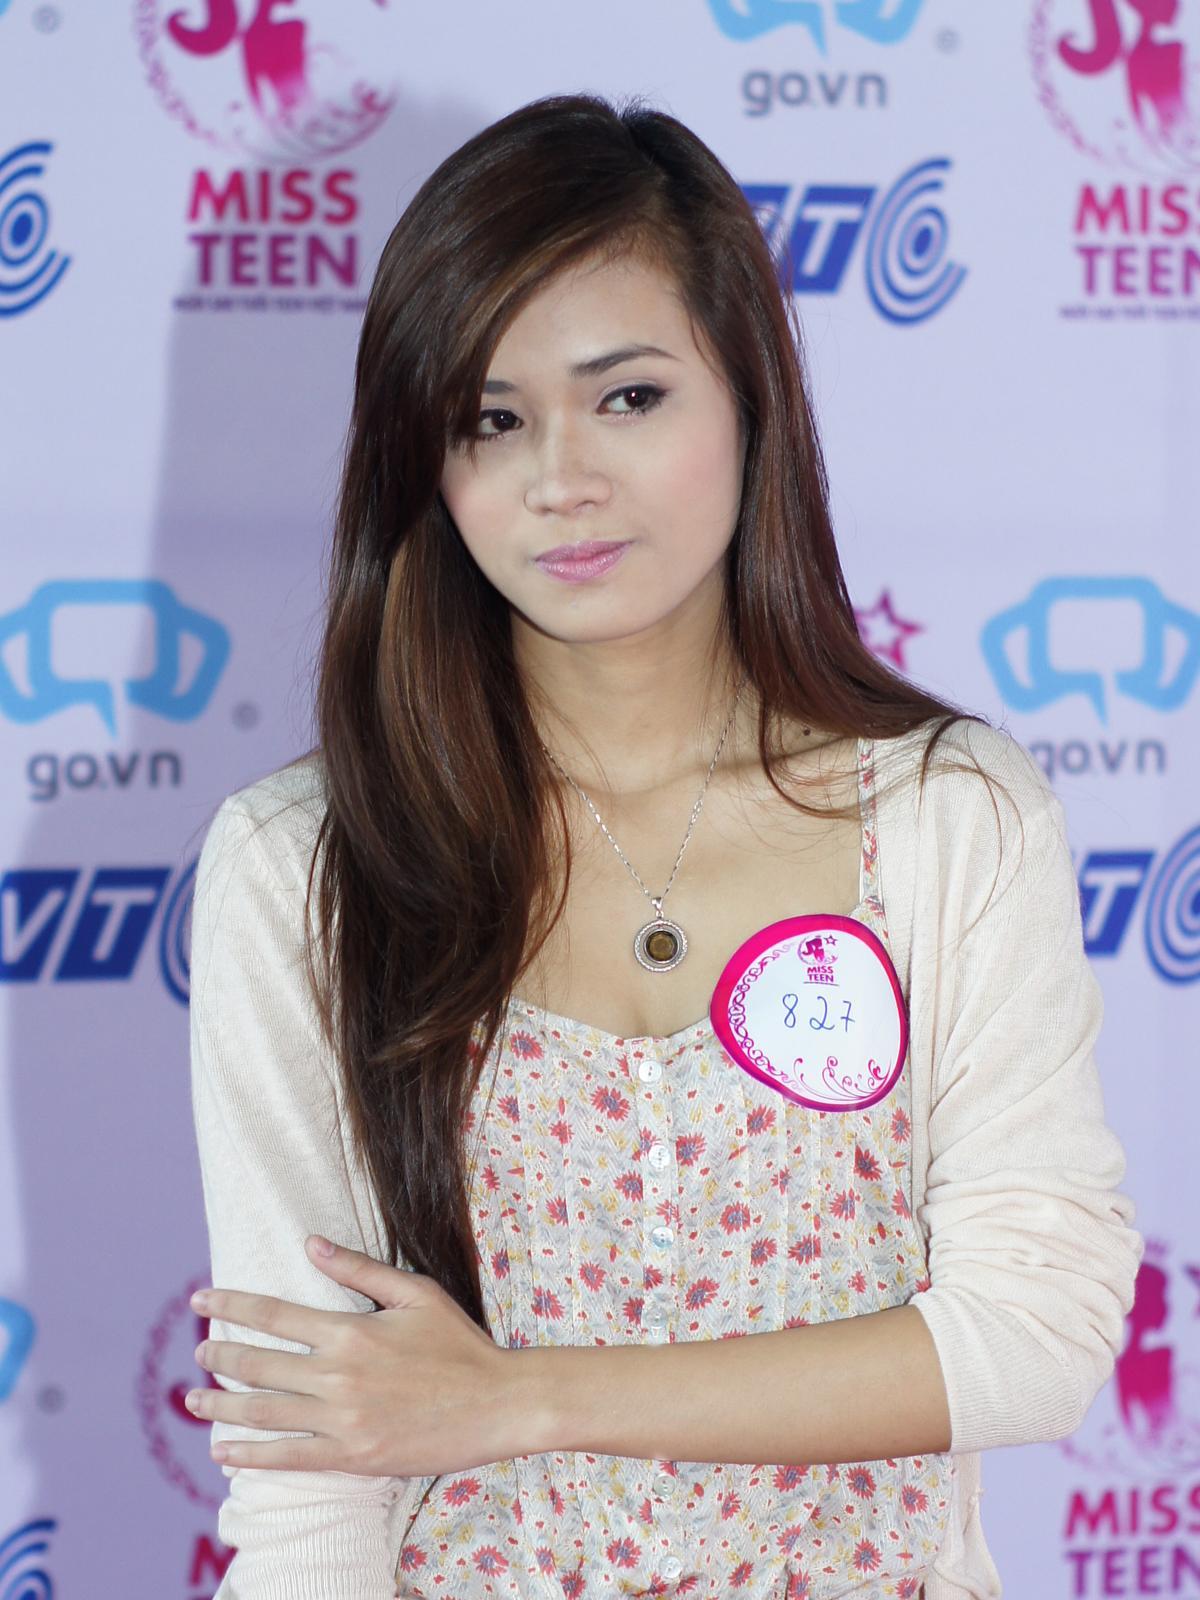 miss teen vietnam 2011 part 4 - Vietnamese girls